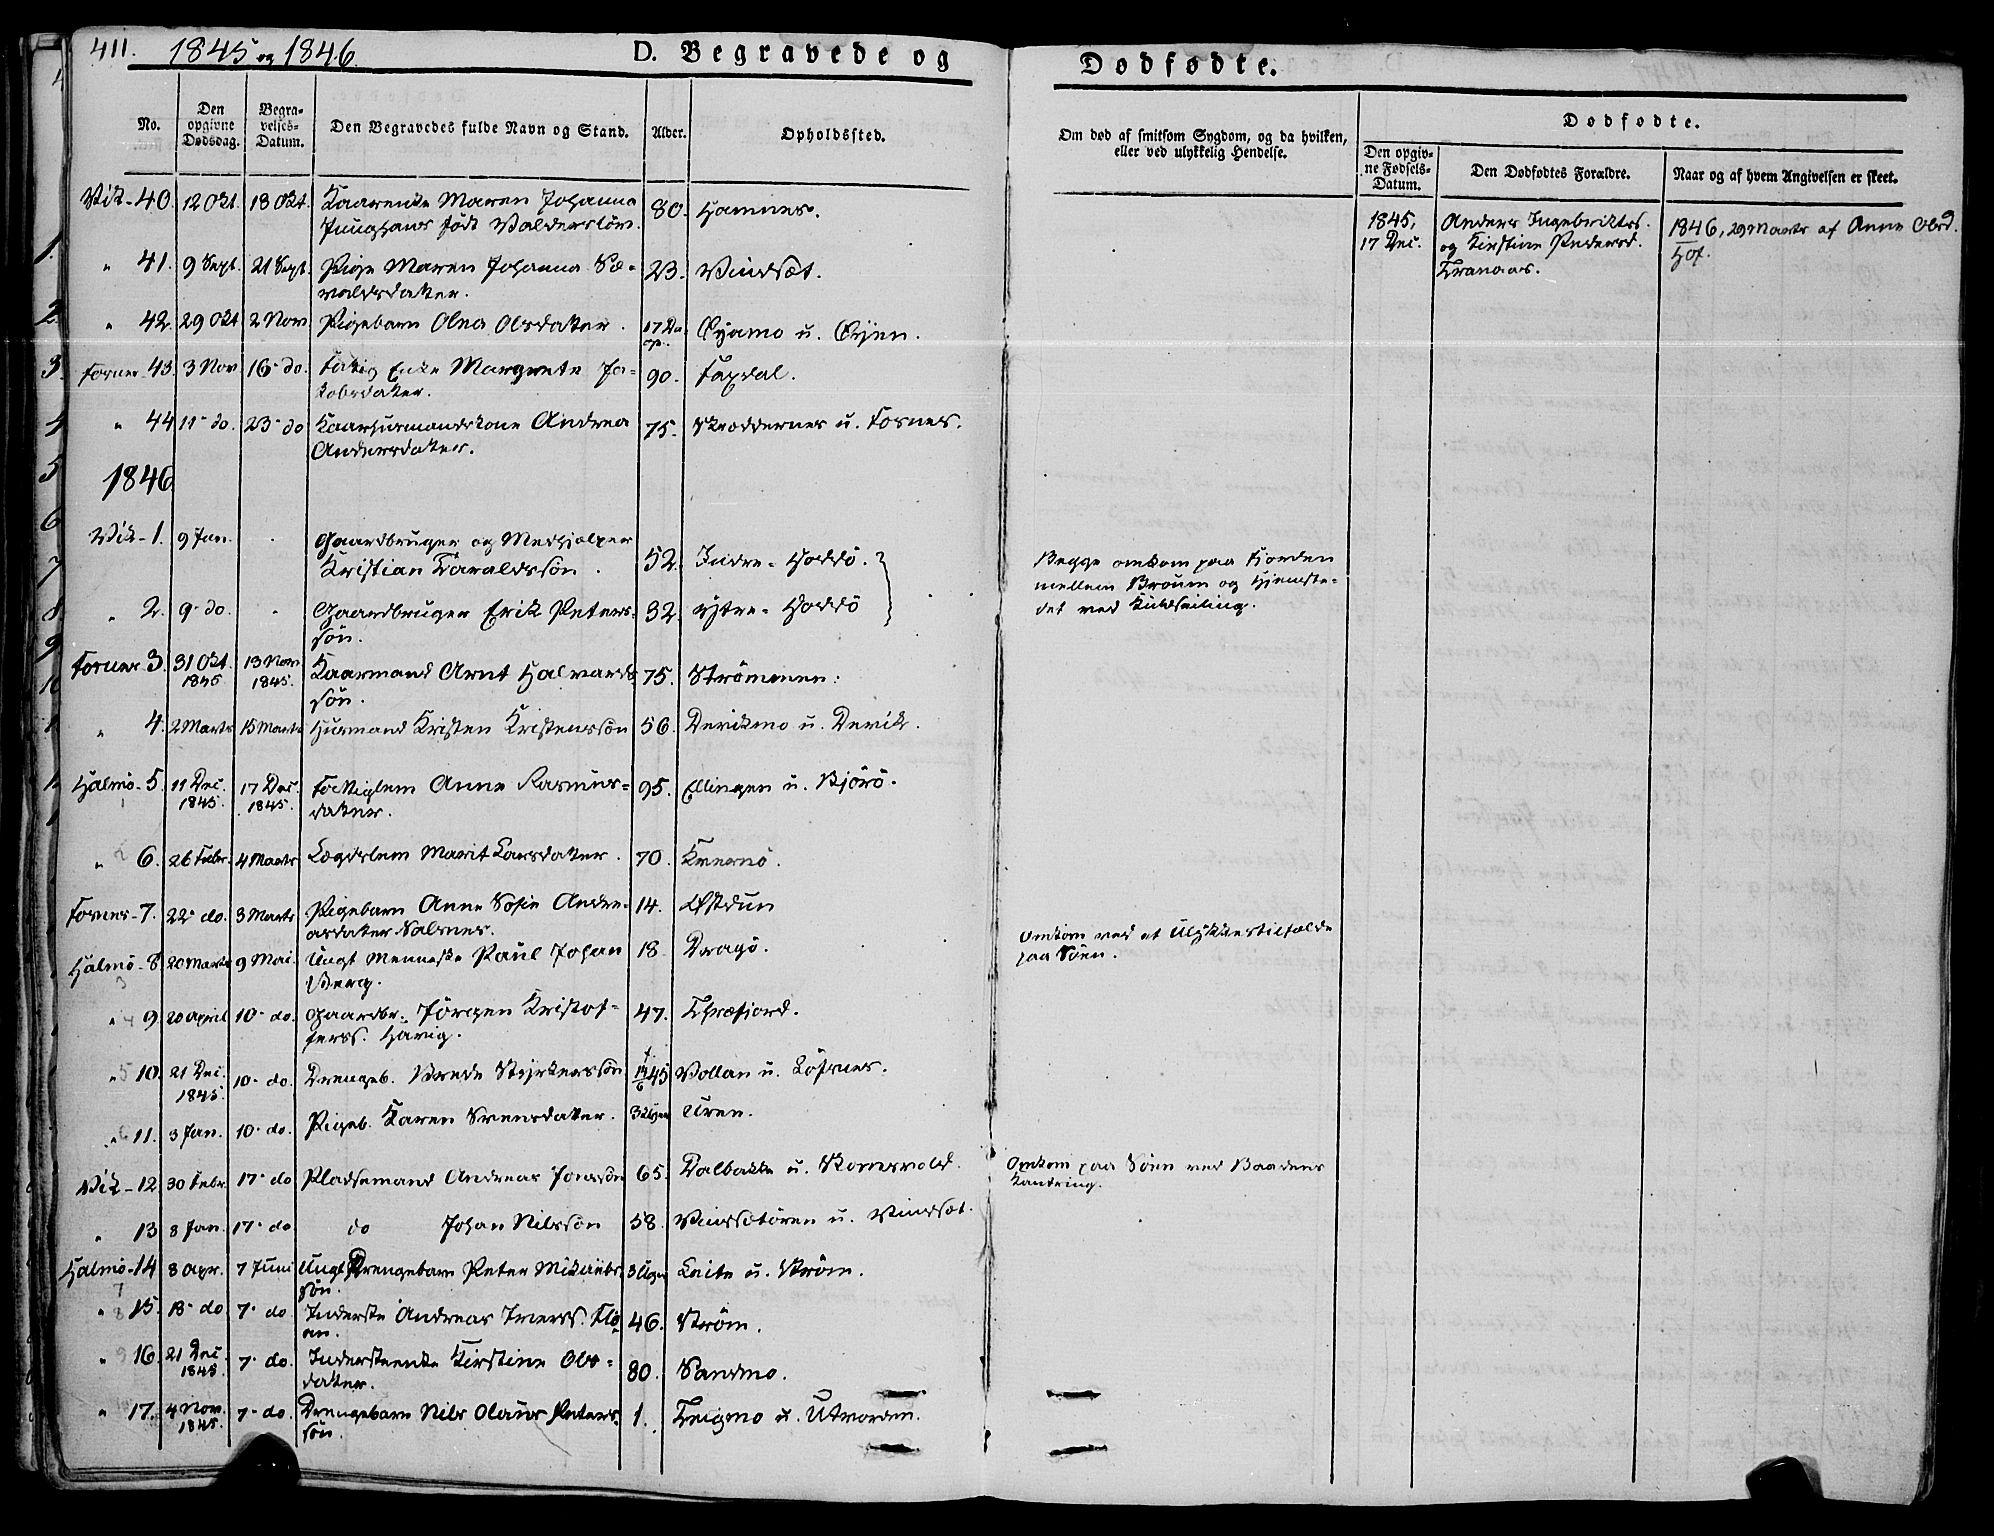 SAT, Ministerialprotokoller, klokkerbøker og fødselsregistre - Nord-Trøndelag, 773/L0614: Ministerialbok nr. 773A05, 1831-1856, s. 411